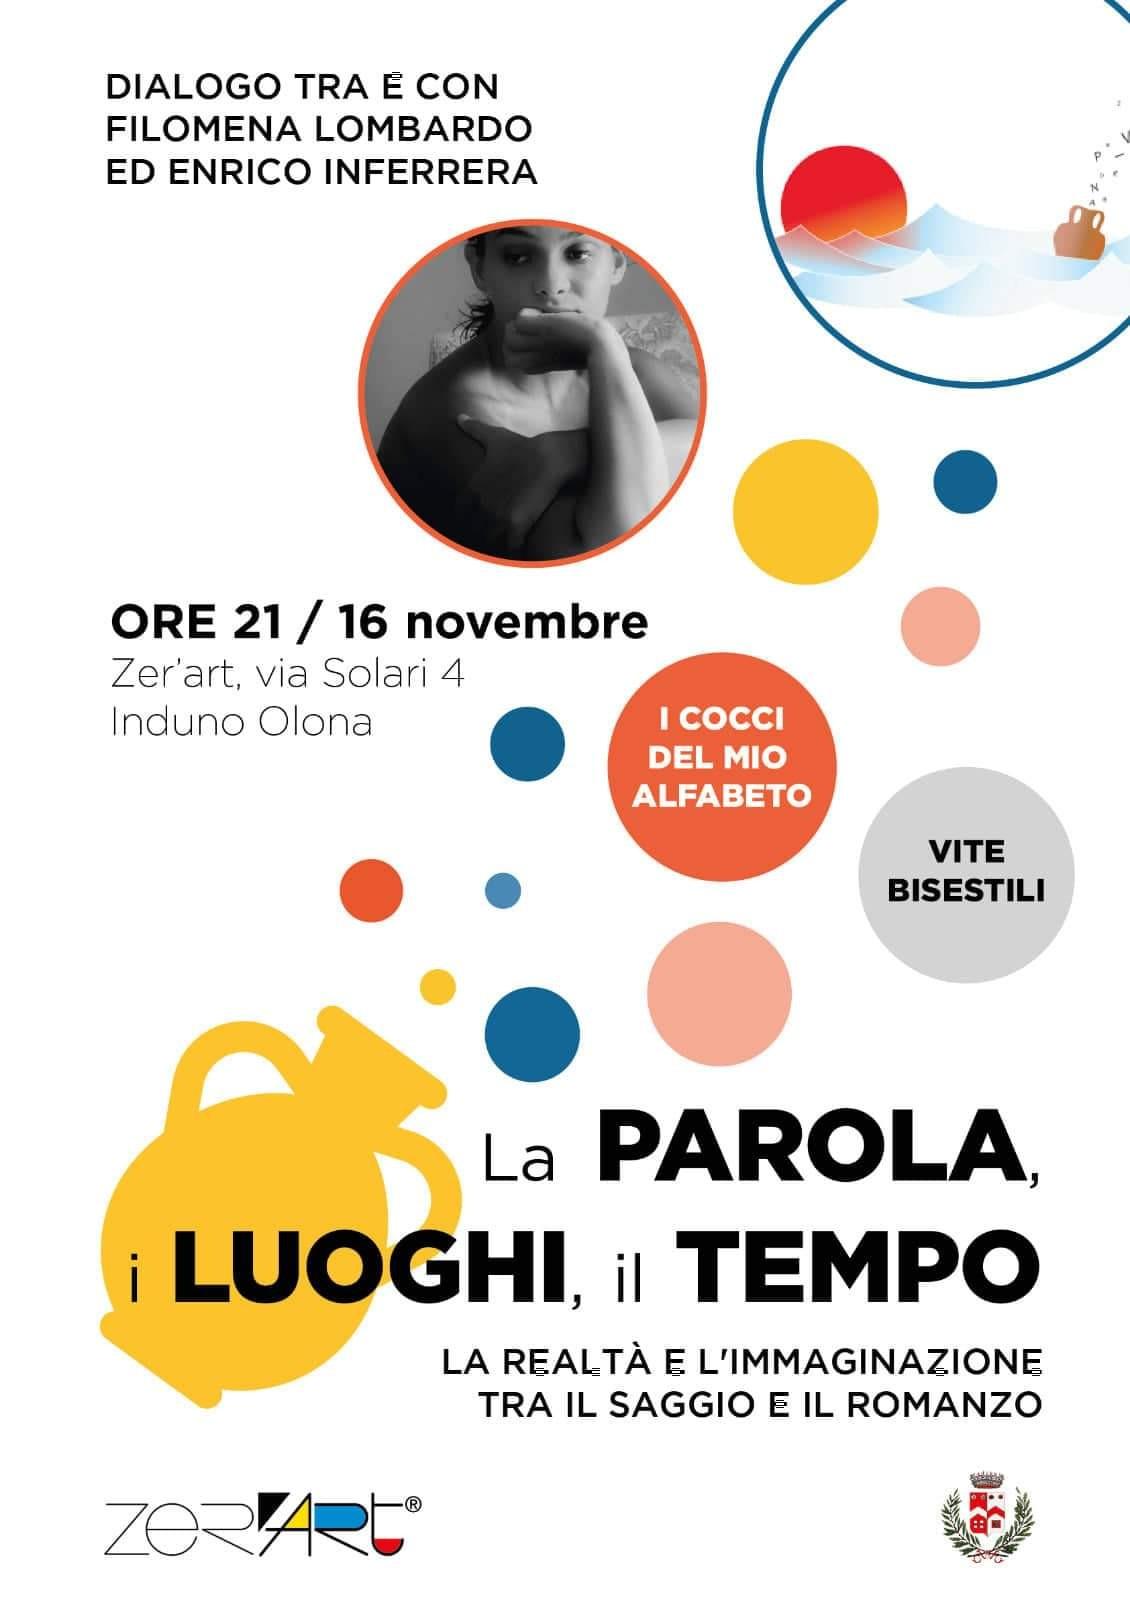 """""""La Parola,i Luoghi,il Tempo"""" ,dialogo tra e con Filomena Lombardo ed Enrico Inferrera. Sabato 16 Novembre 2019 alle ore 21:00 presso Zer'art,via Solari 4 Induno Olona"""